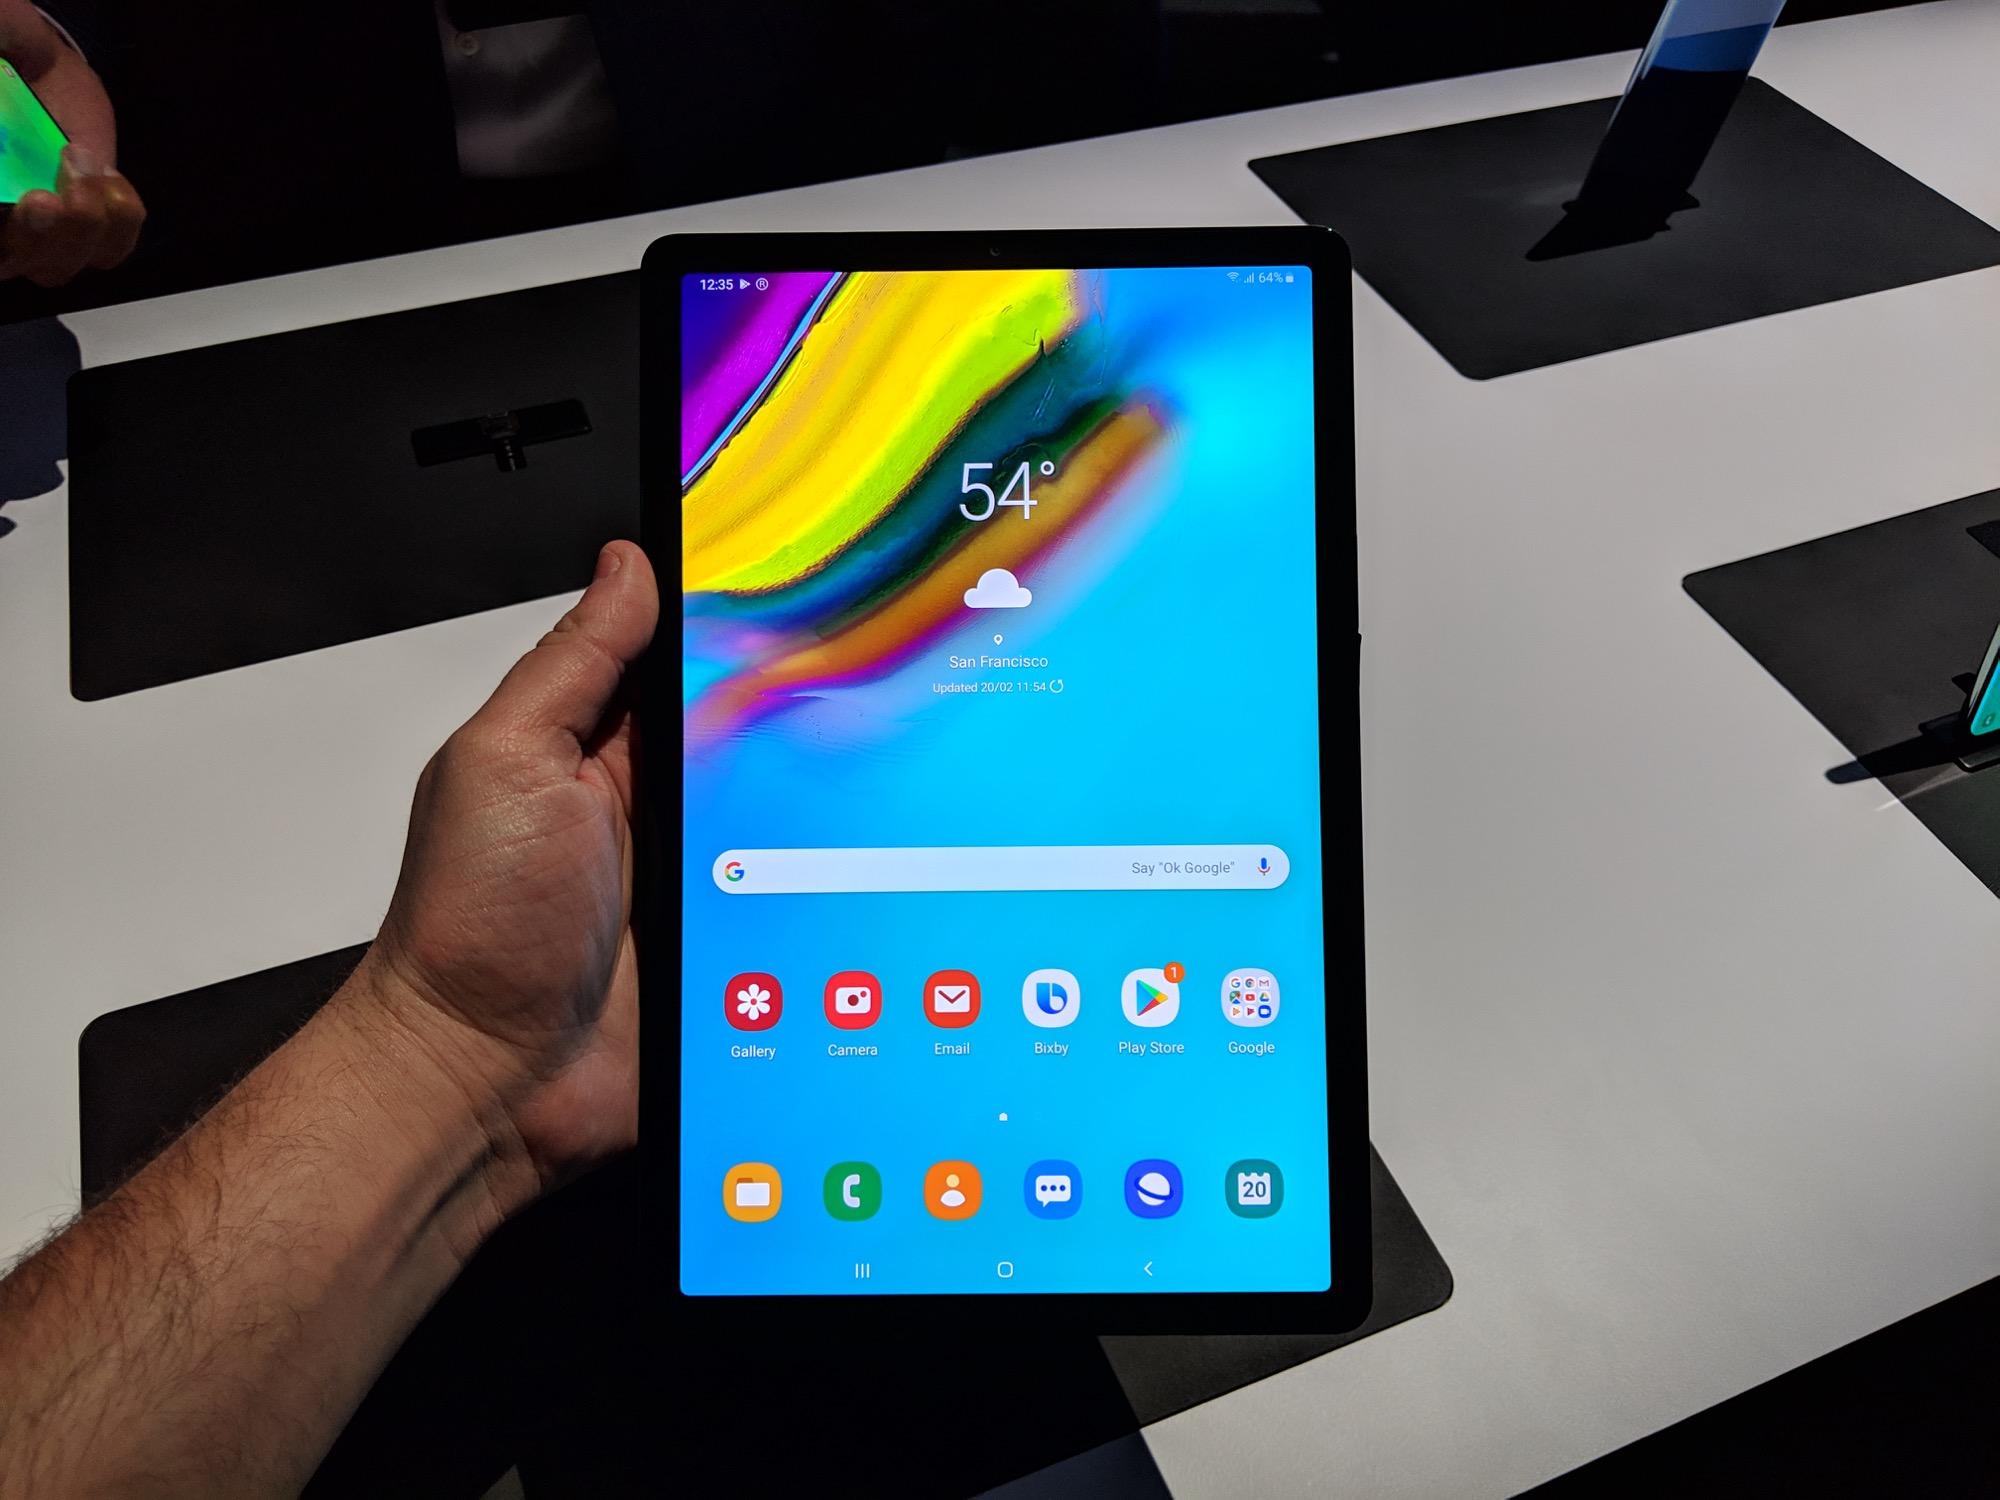 Prise en main de la Samsung Galaxy Tab S5e : plus fine qu'un iPad avec un écran AMOLED